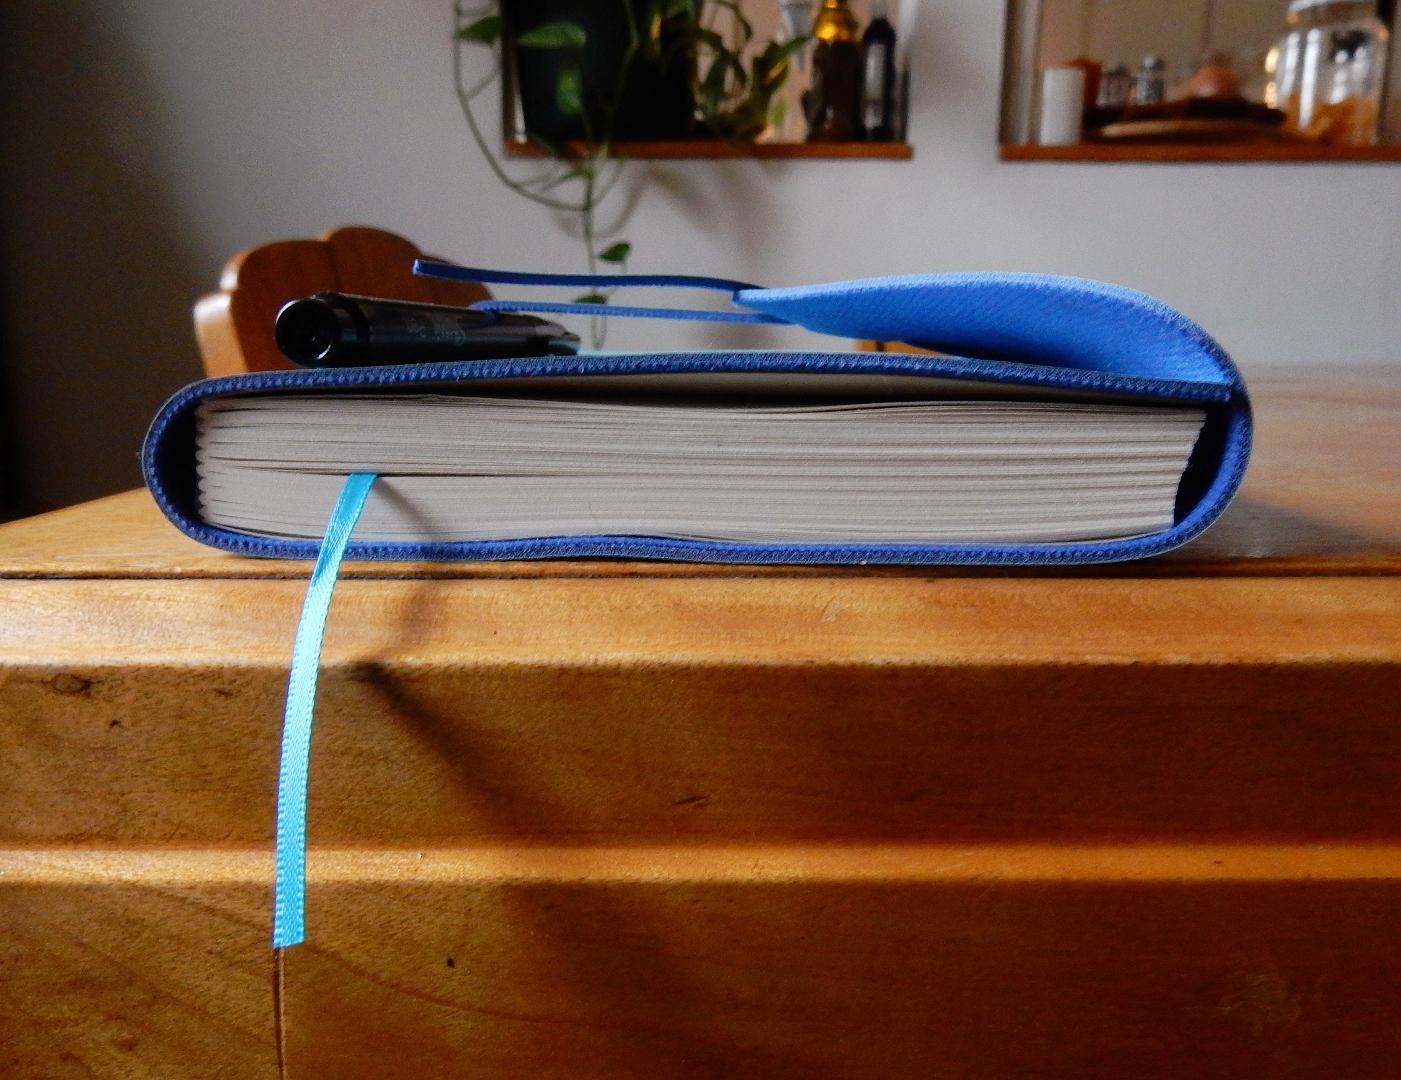 Cahier bleu pâle et stylo noir sur une table en bois.